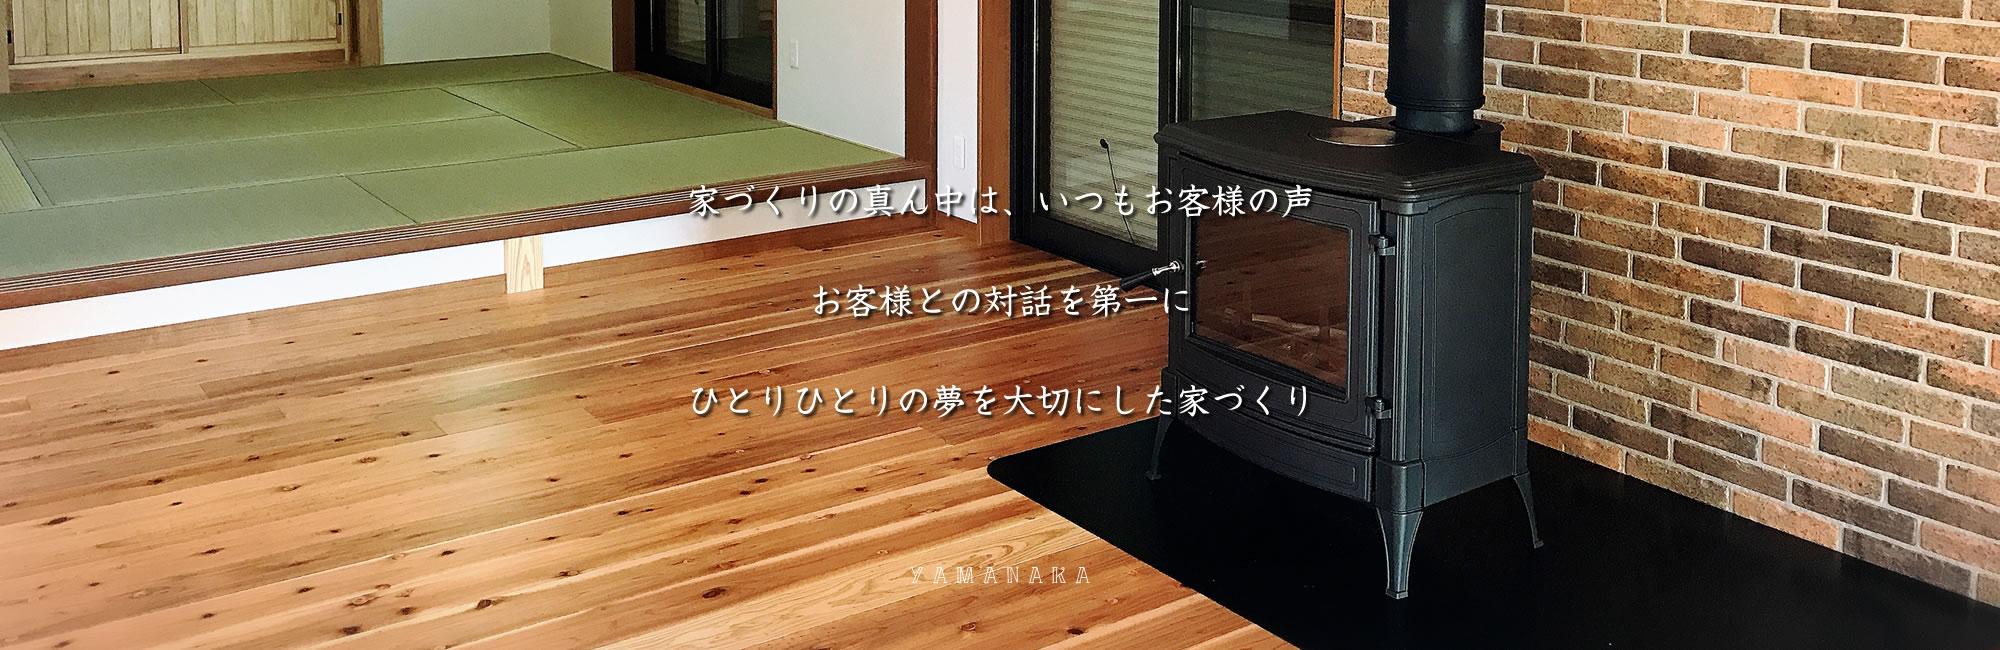 家づくりの真ん中は、いつもお客様の声 お客様との対話を第一に ひとりひとりの夢を大切にした家づくり YAMANAKA